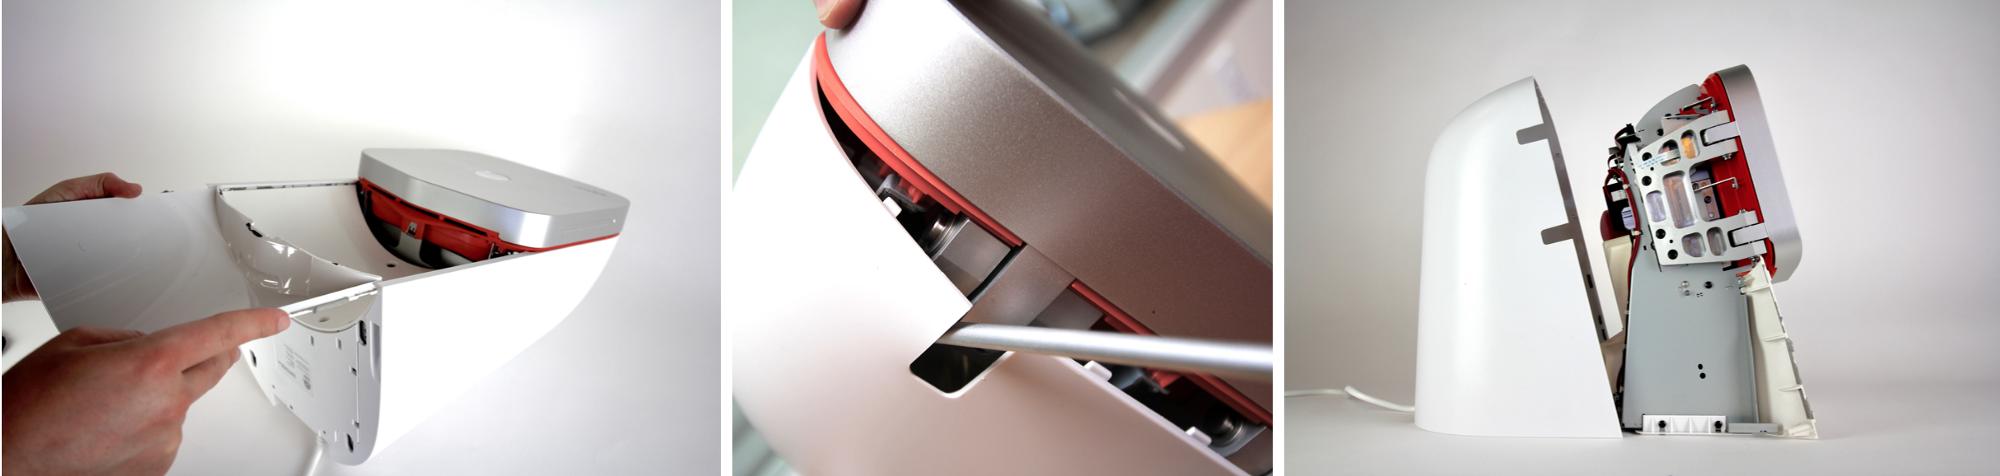 Соковыжималка Juicero — качественный, но слишком сложный и дорогой продукт - 2